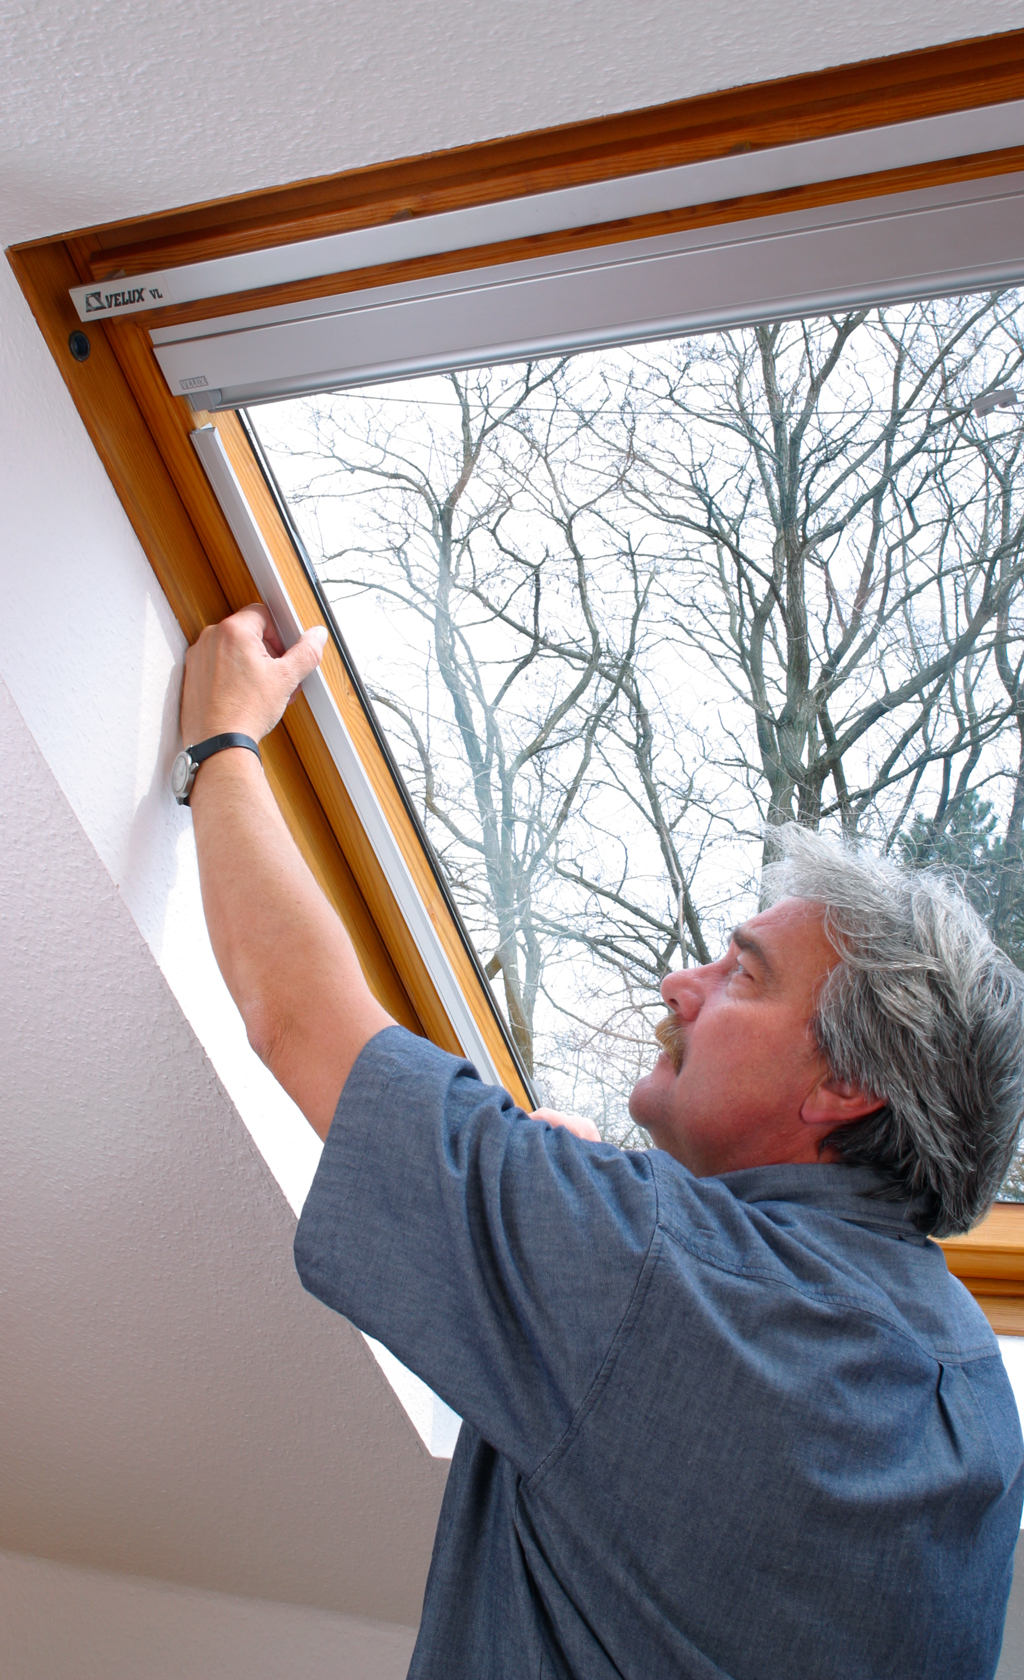 Full Size of Velux Schnurhalter Rollo Dachfenster Ersatzteile Jalousie Rollo Schnurhalter Typ Ves Unten Mit Konsolen Fenster Kaufen Preise Einbauen Wohnzimmer Velux Schnurhalter